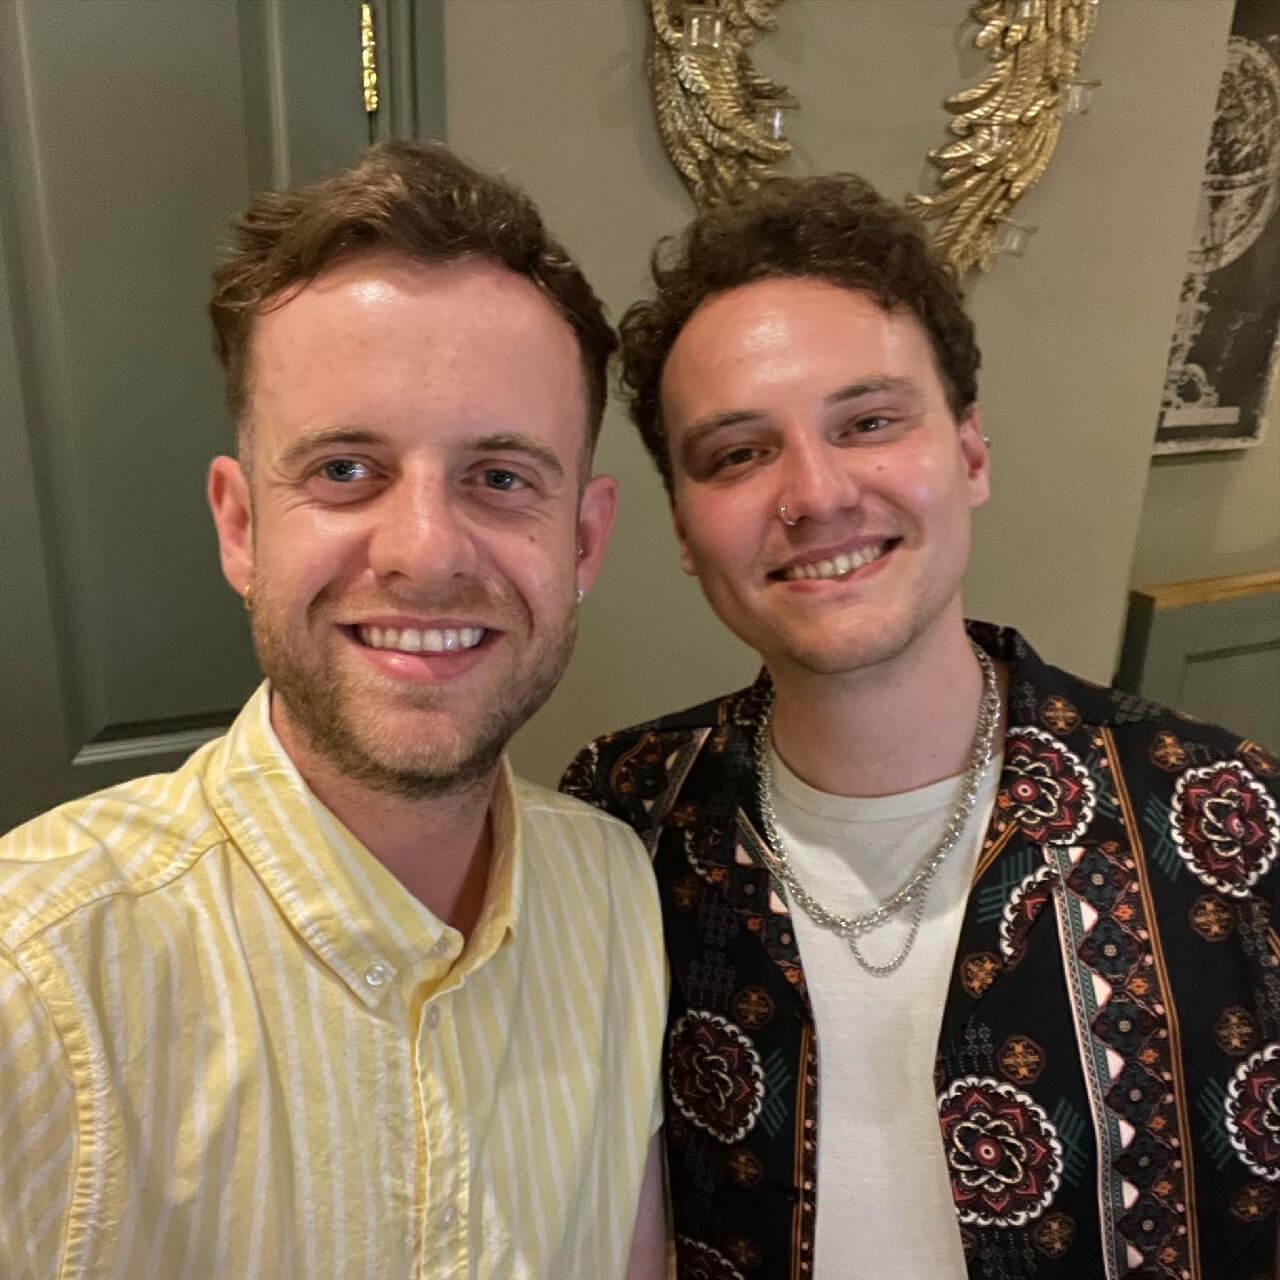 Selfie of two men wearing shirts